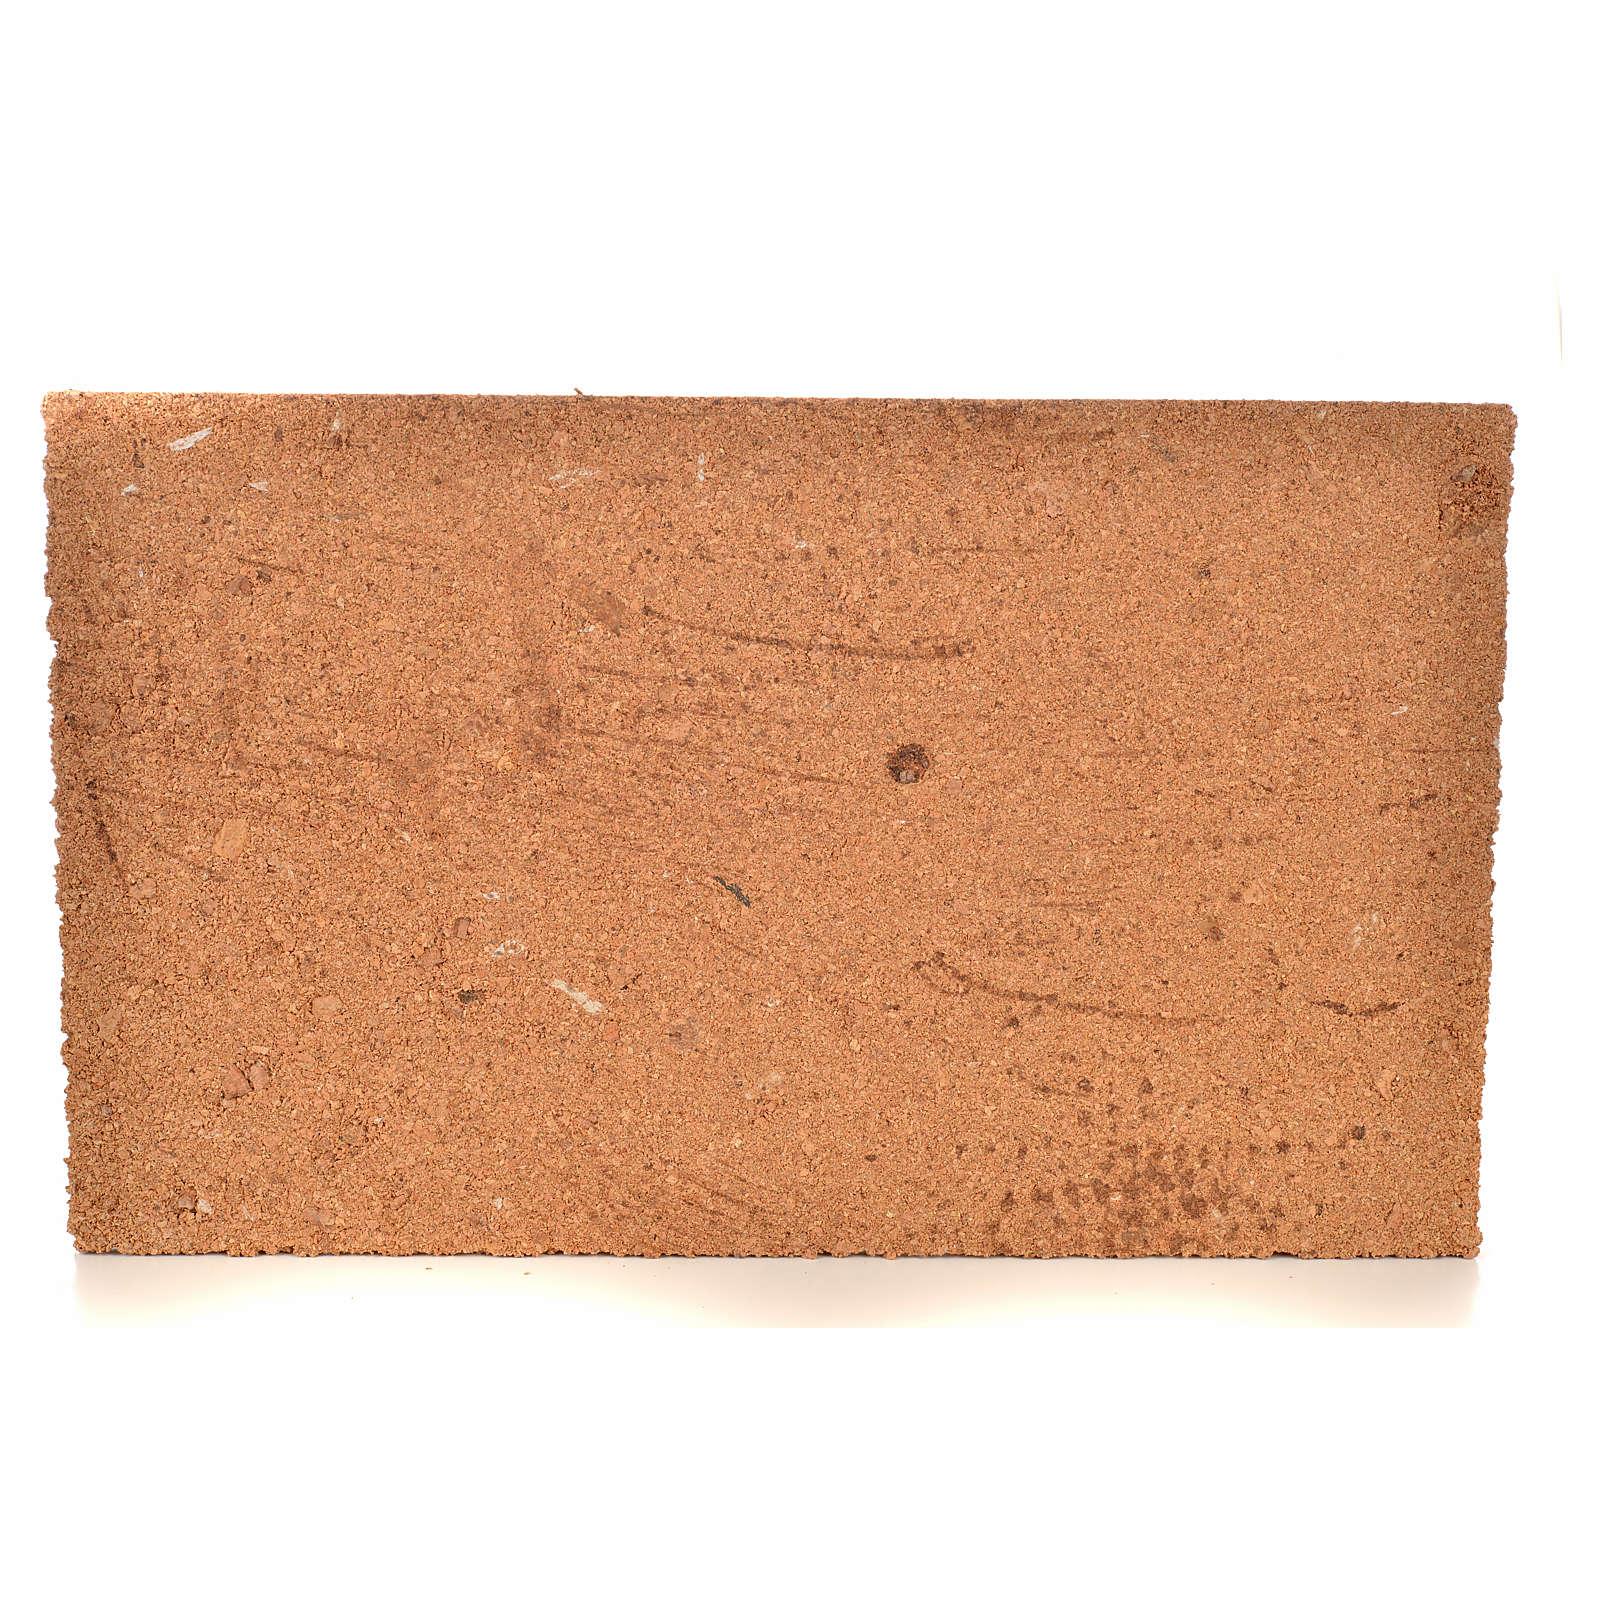 Plancha corcho efecto muro/ladrillos cm. 33x20x1 4